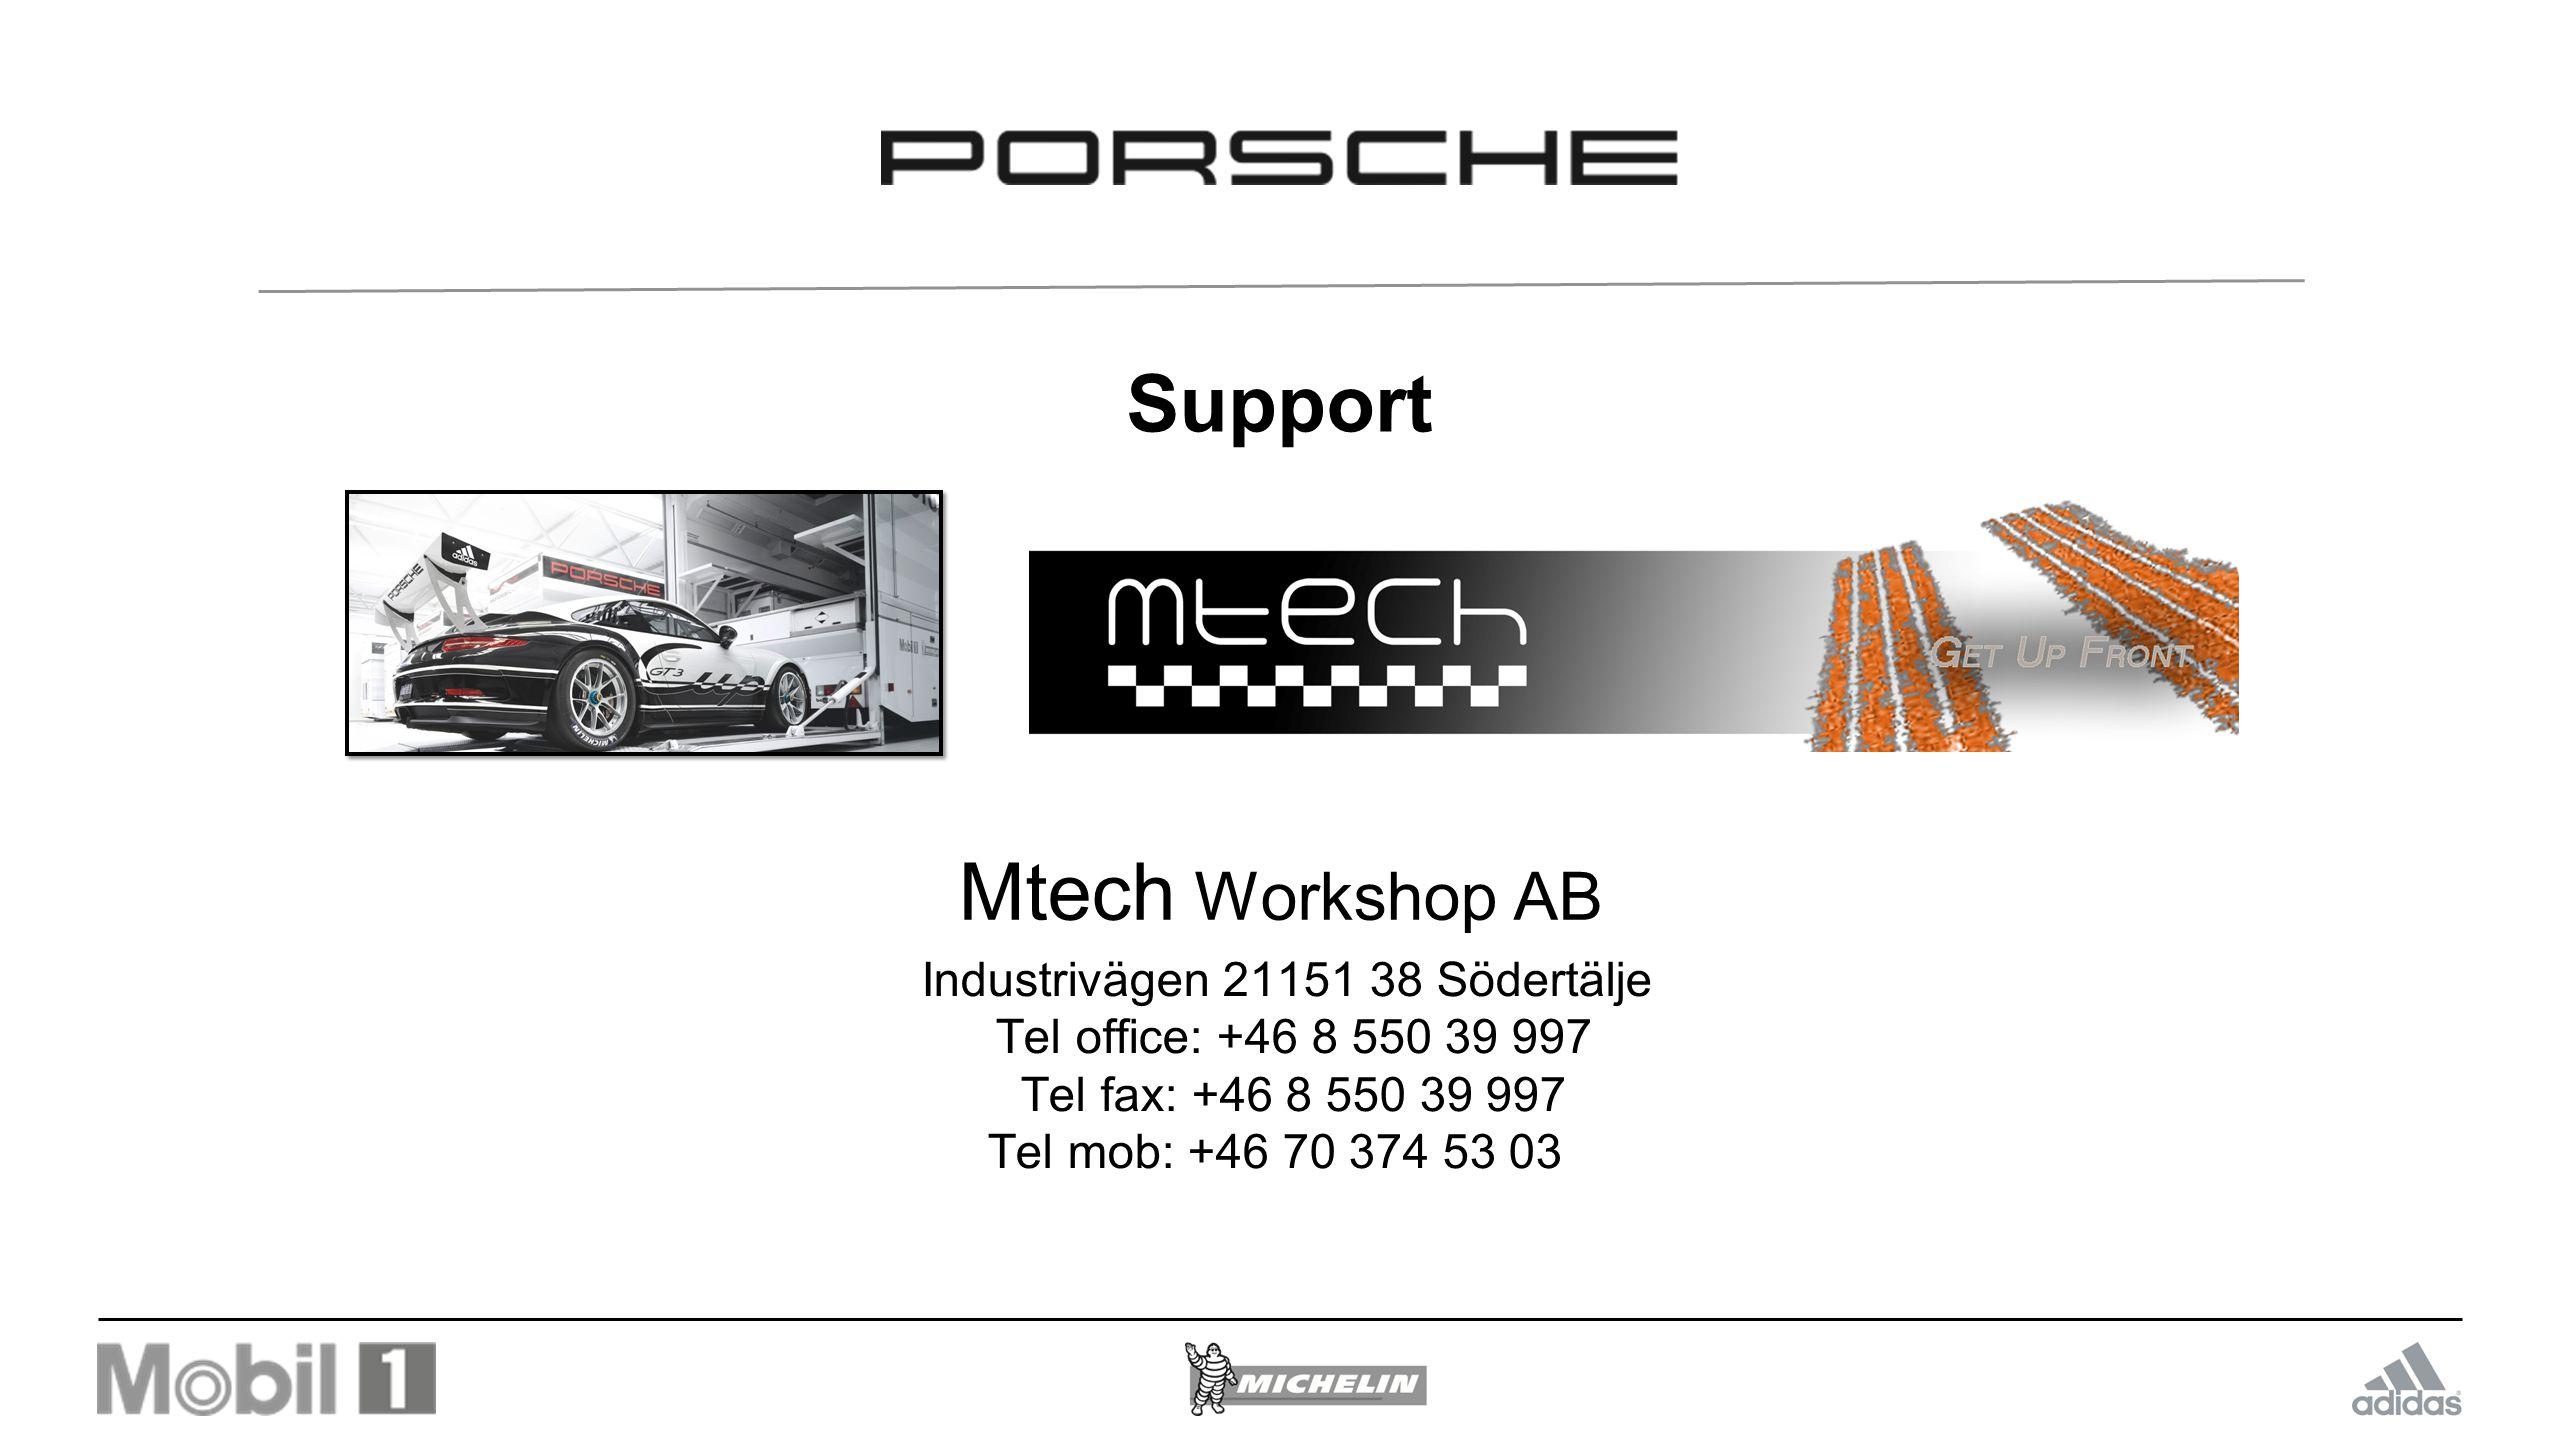 Support Mtech Workshop AB Industrivägen 21151 38 Södertälje Tel office: +46 8 550 39 997 Tel fax: +46 8 550 39 997 Tel mob: +46 70 374 53 03